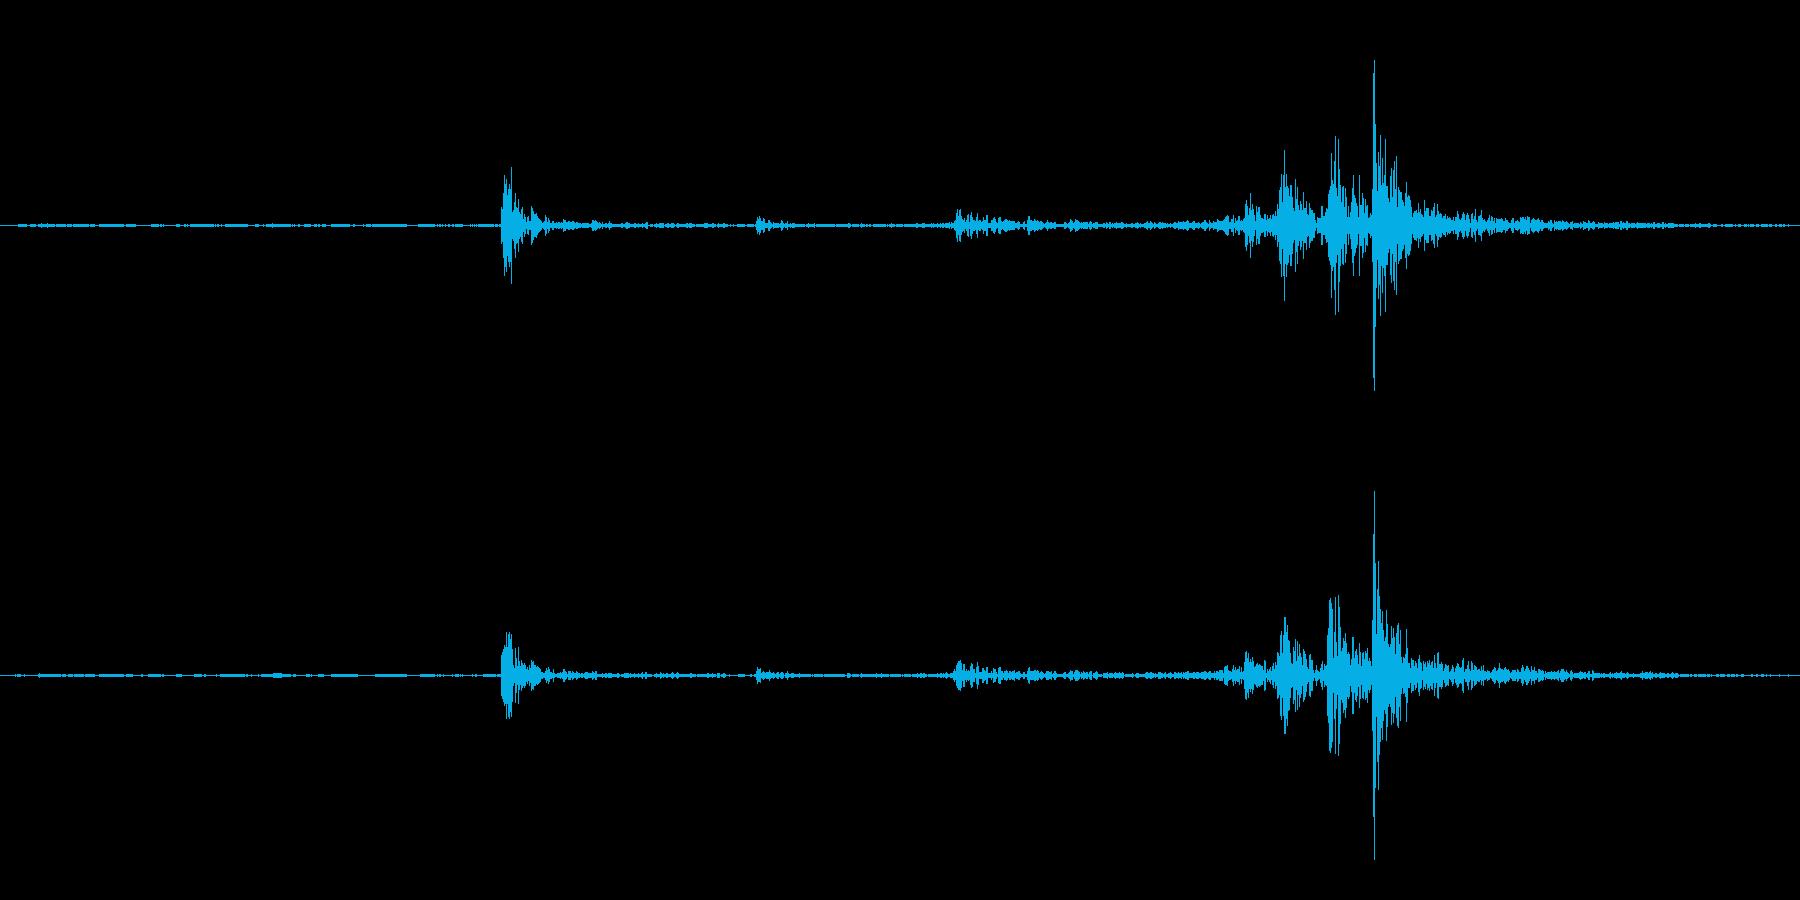 据え置き電話の受話器を取る音(ガチャ)の再生済みの波形